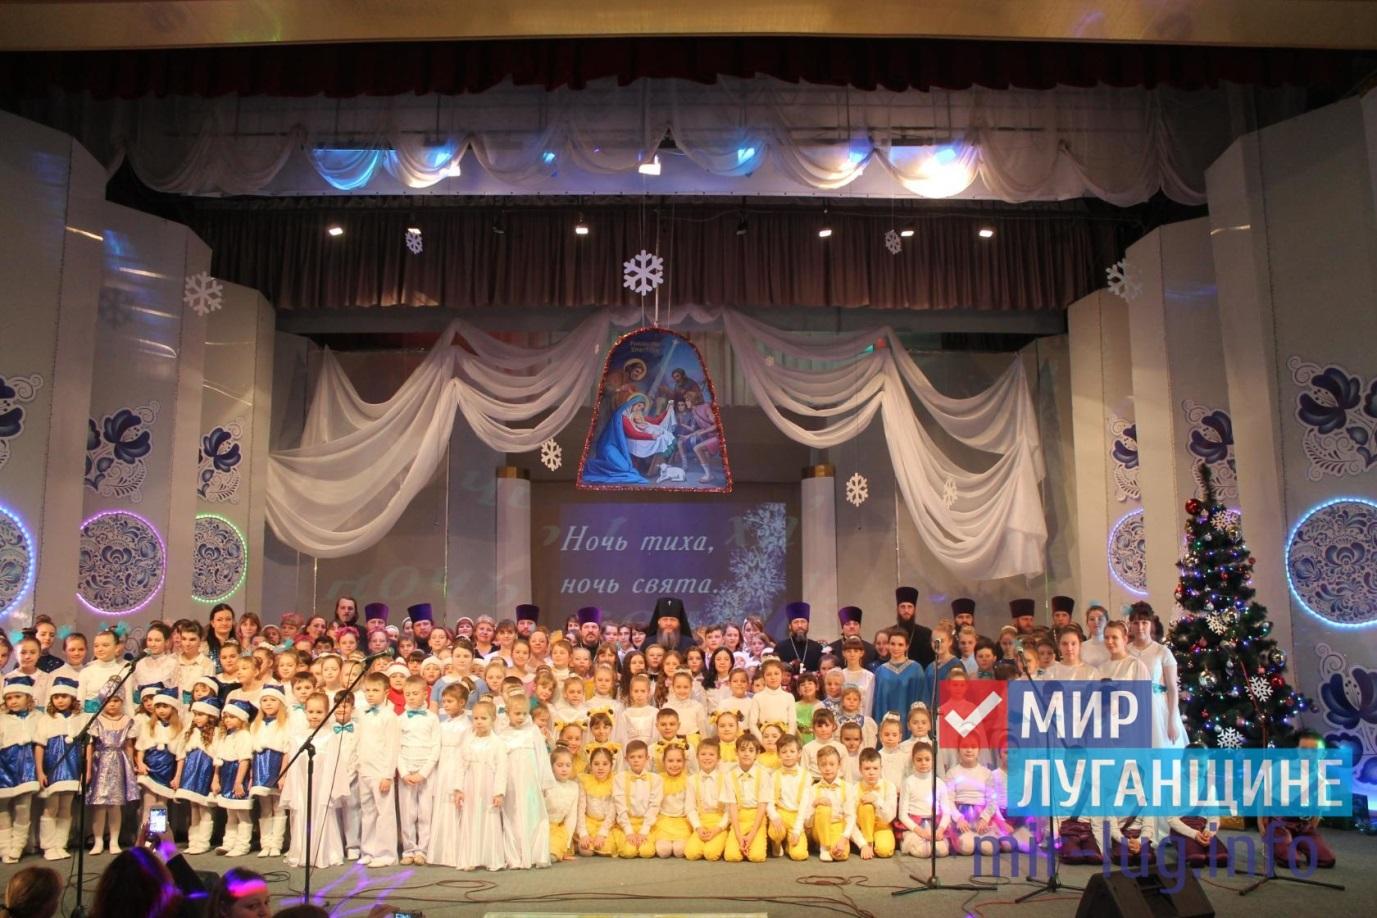 Рождественский городской фестиваль духовной музыки прошел в Ровеньках 1